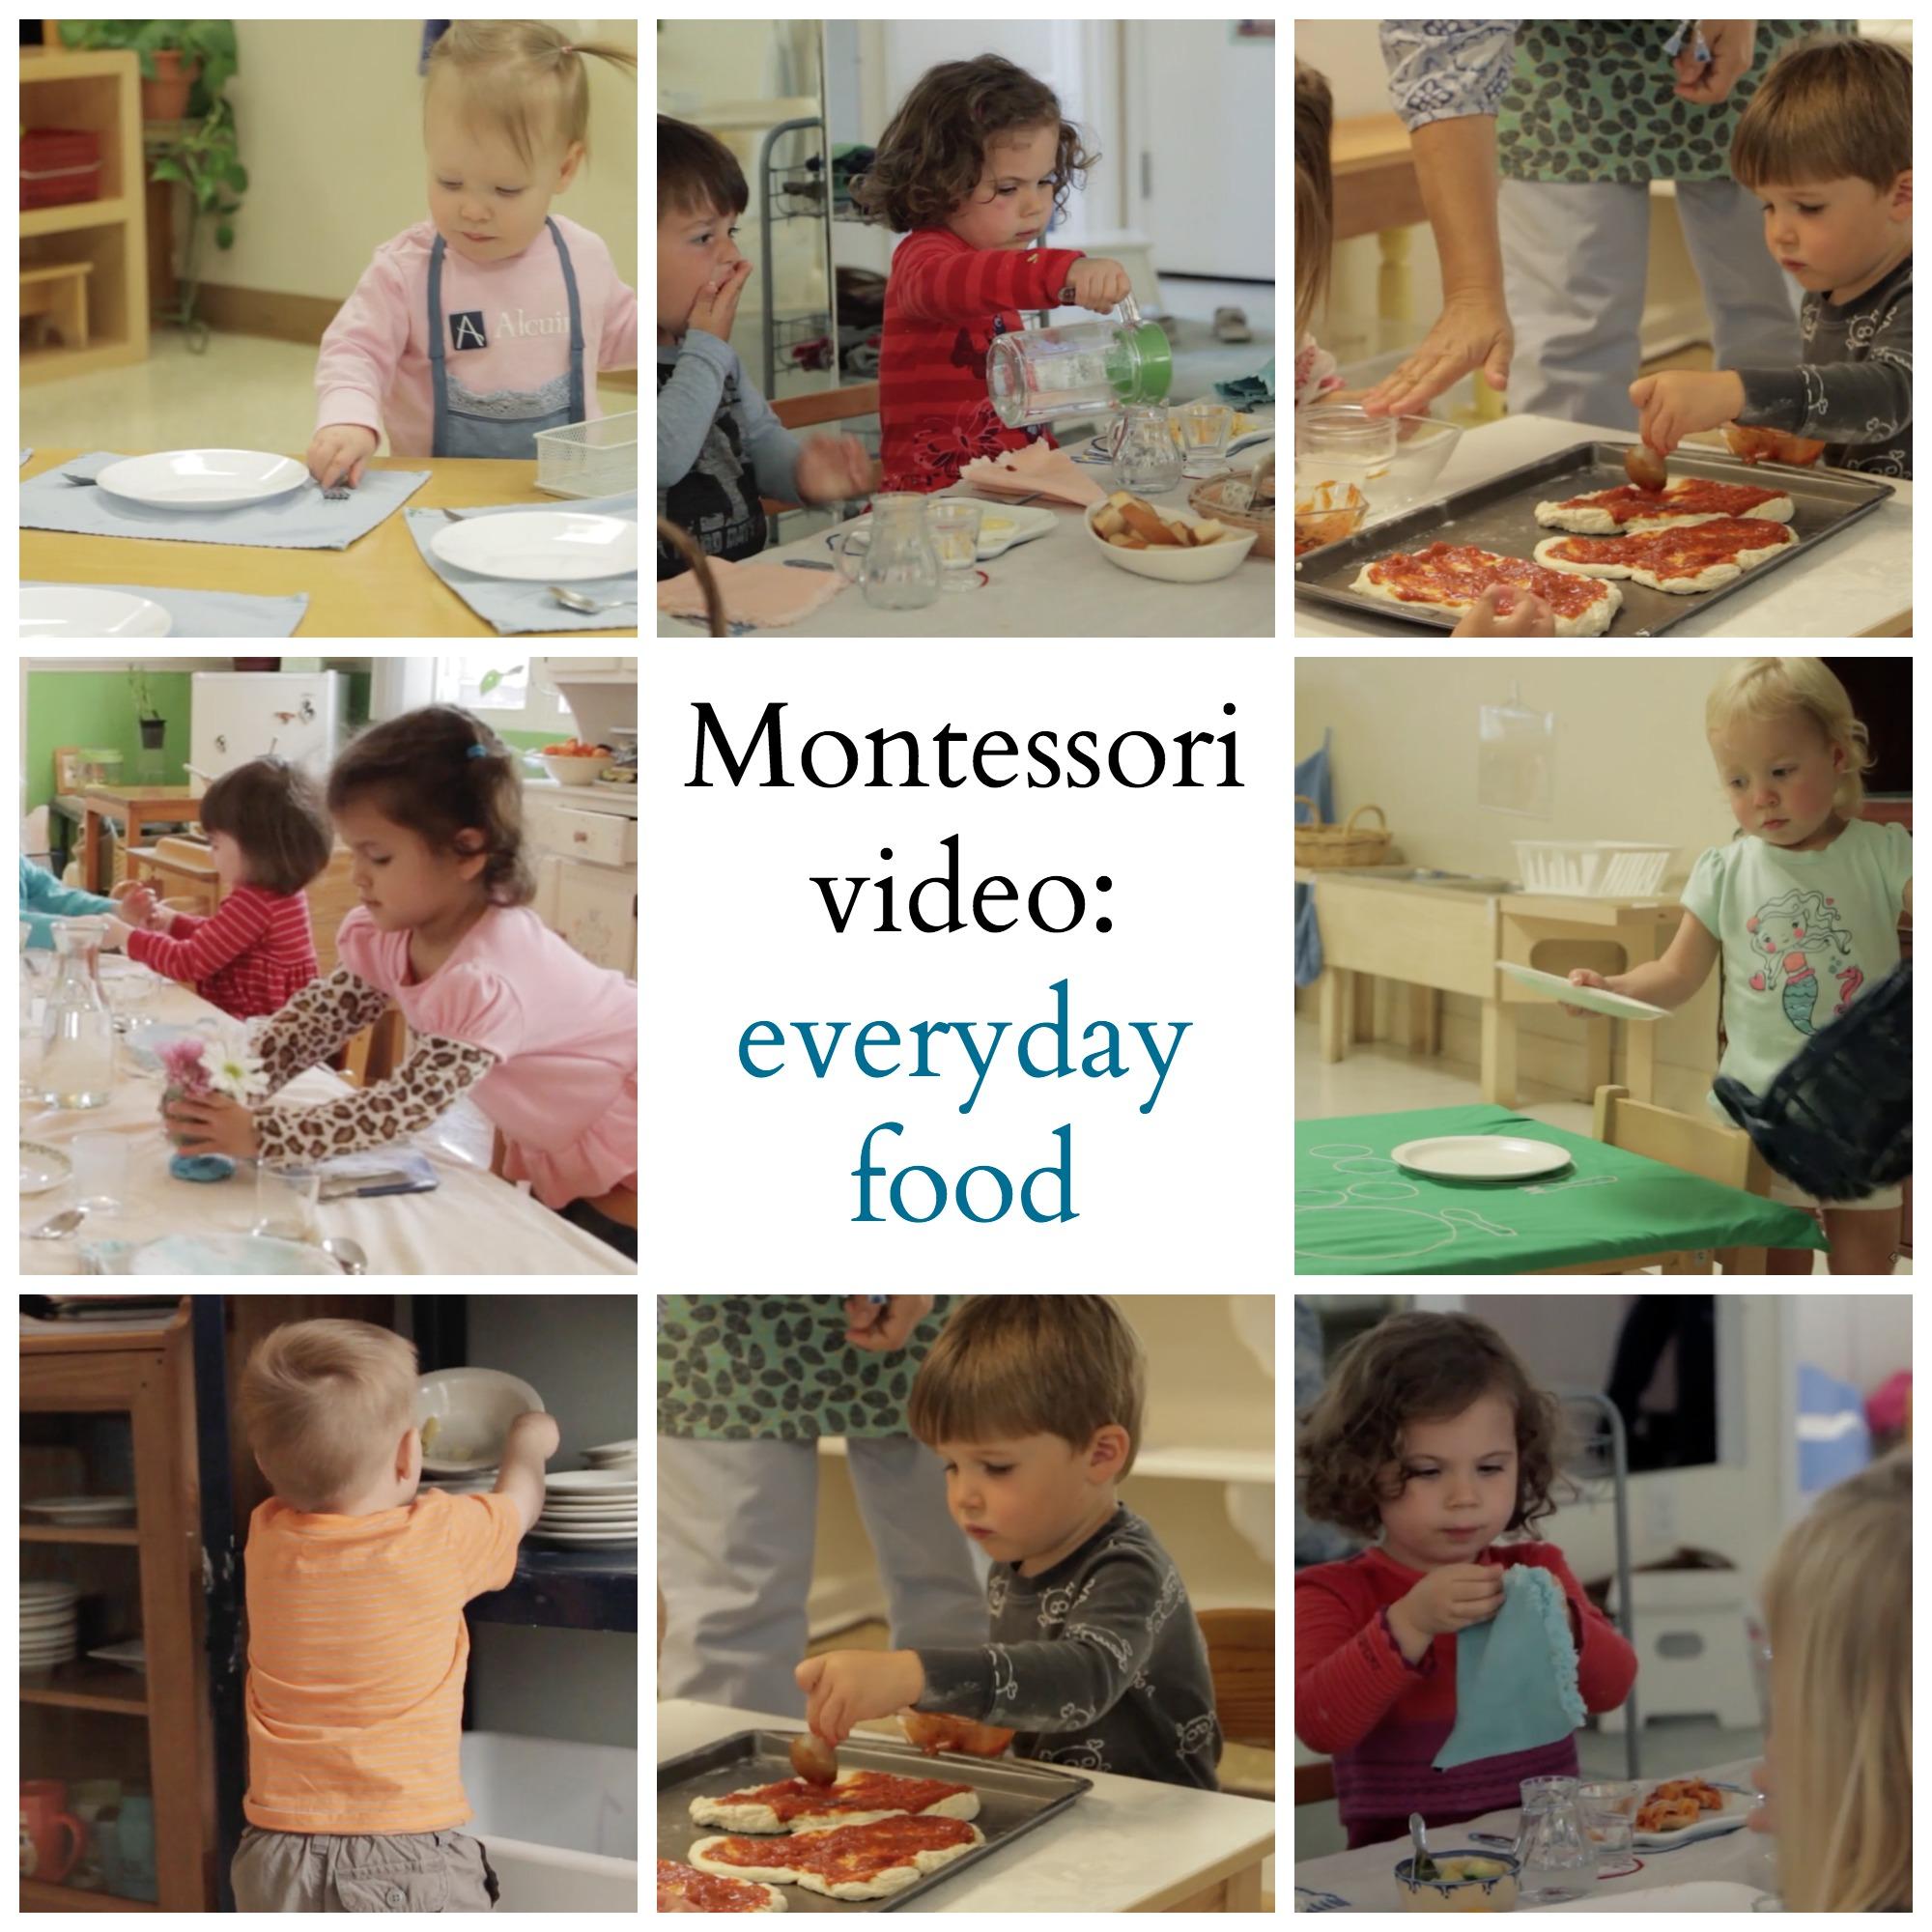 montessori-video